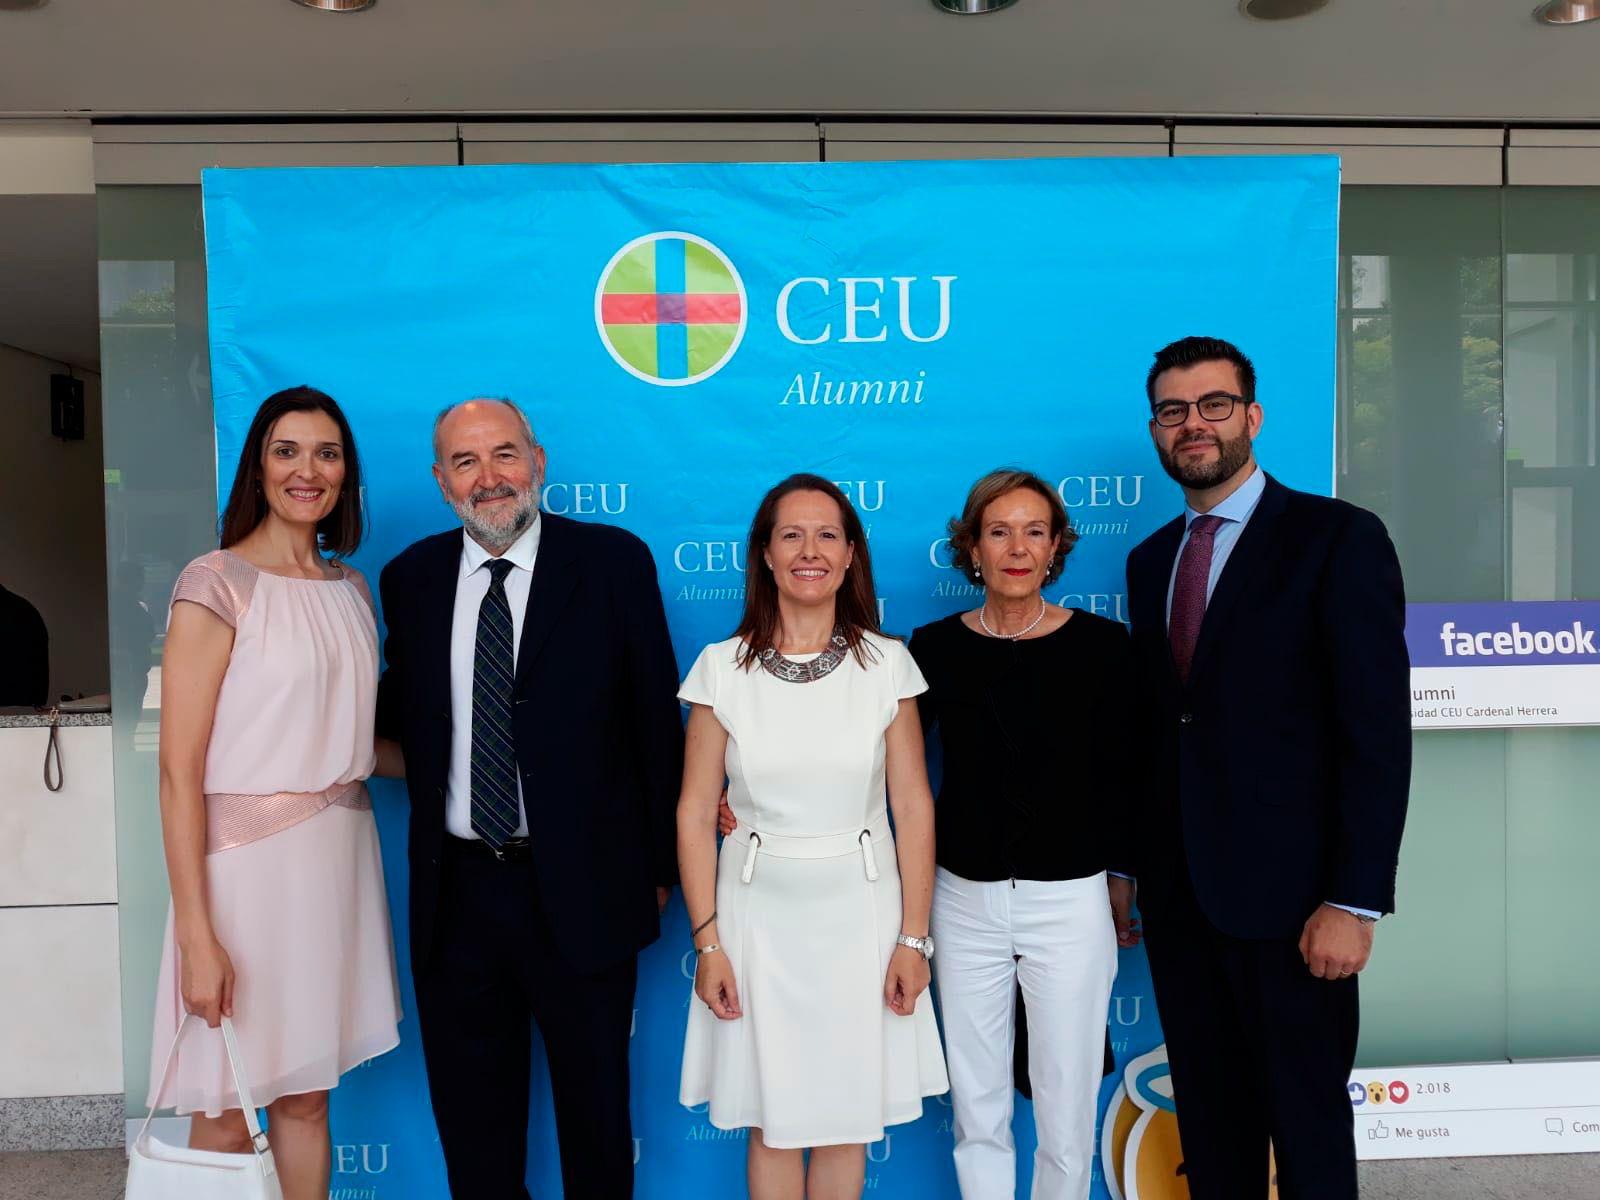 Profesores y autoridades en la Graduación de Valencia. Mª Dolores Arguisuelas, Pedro Rosado, Laura López, Ana Garés y Juanjo Amer.